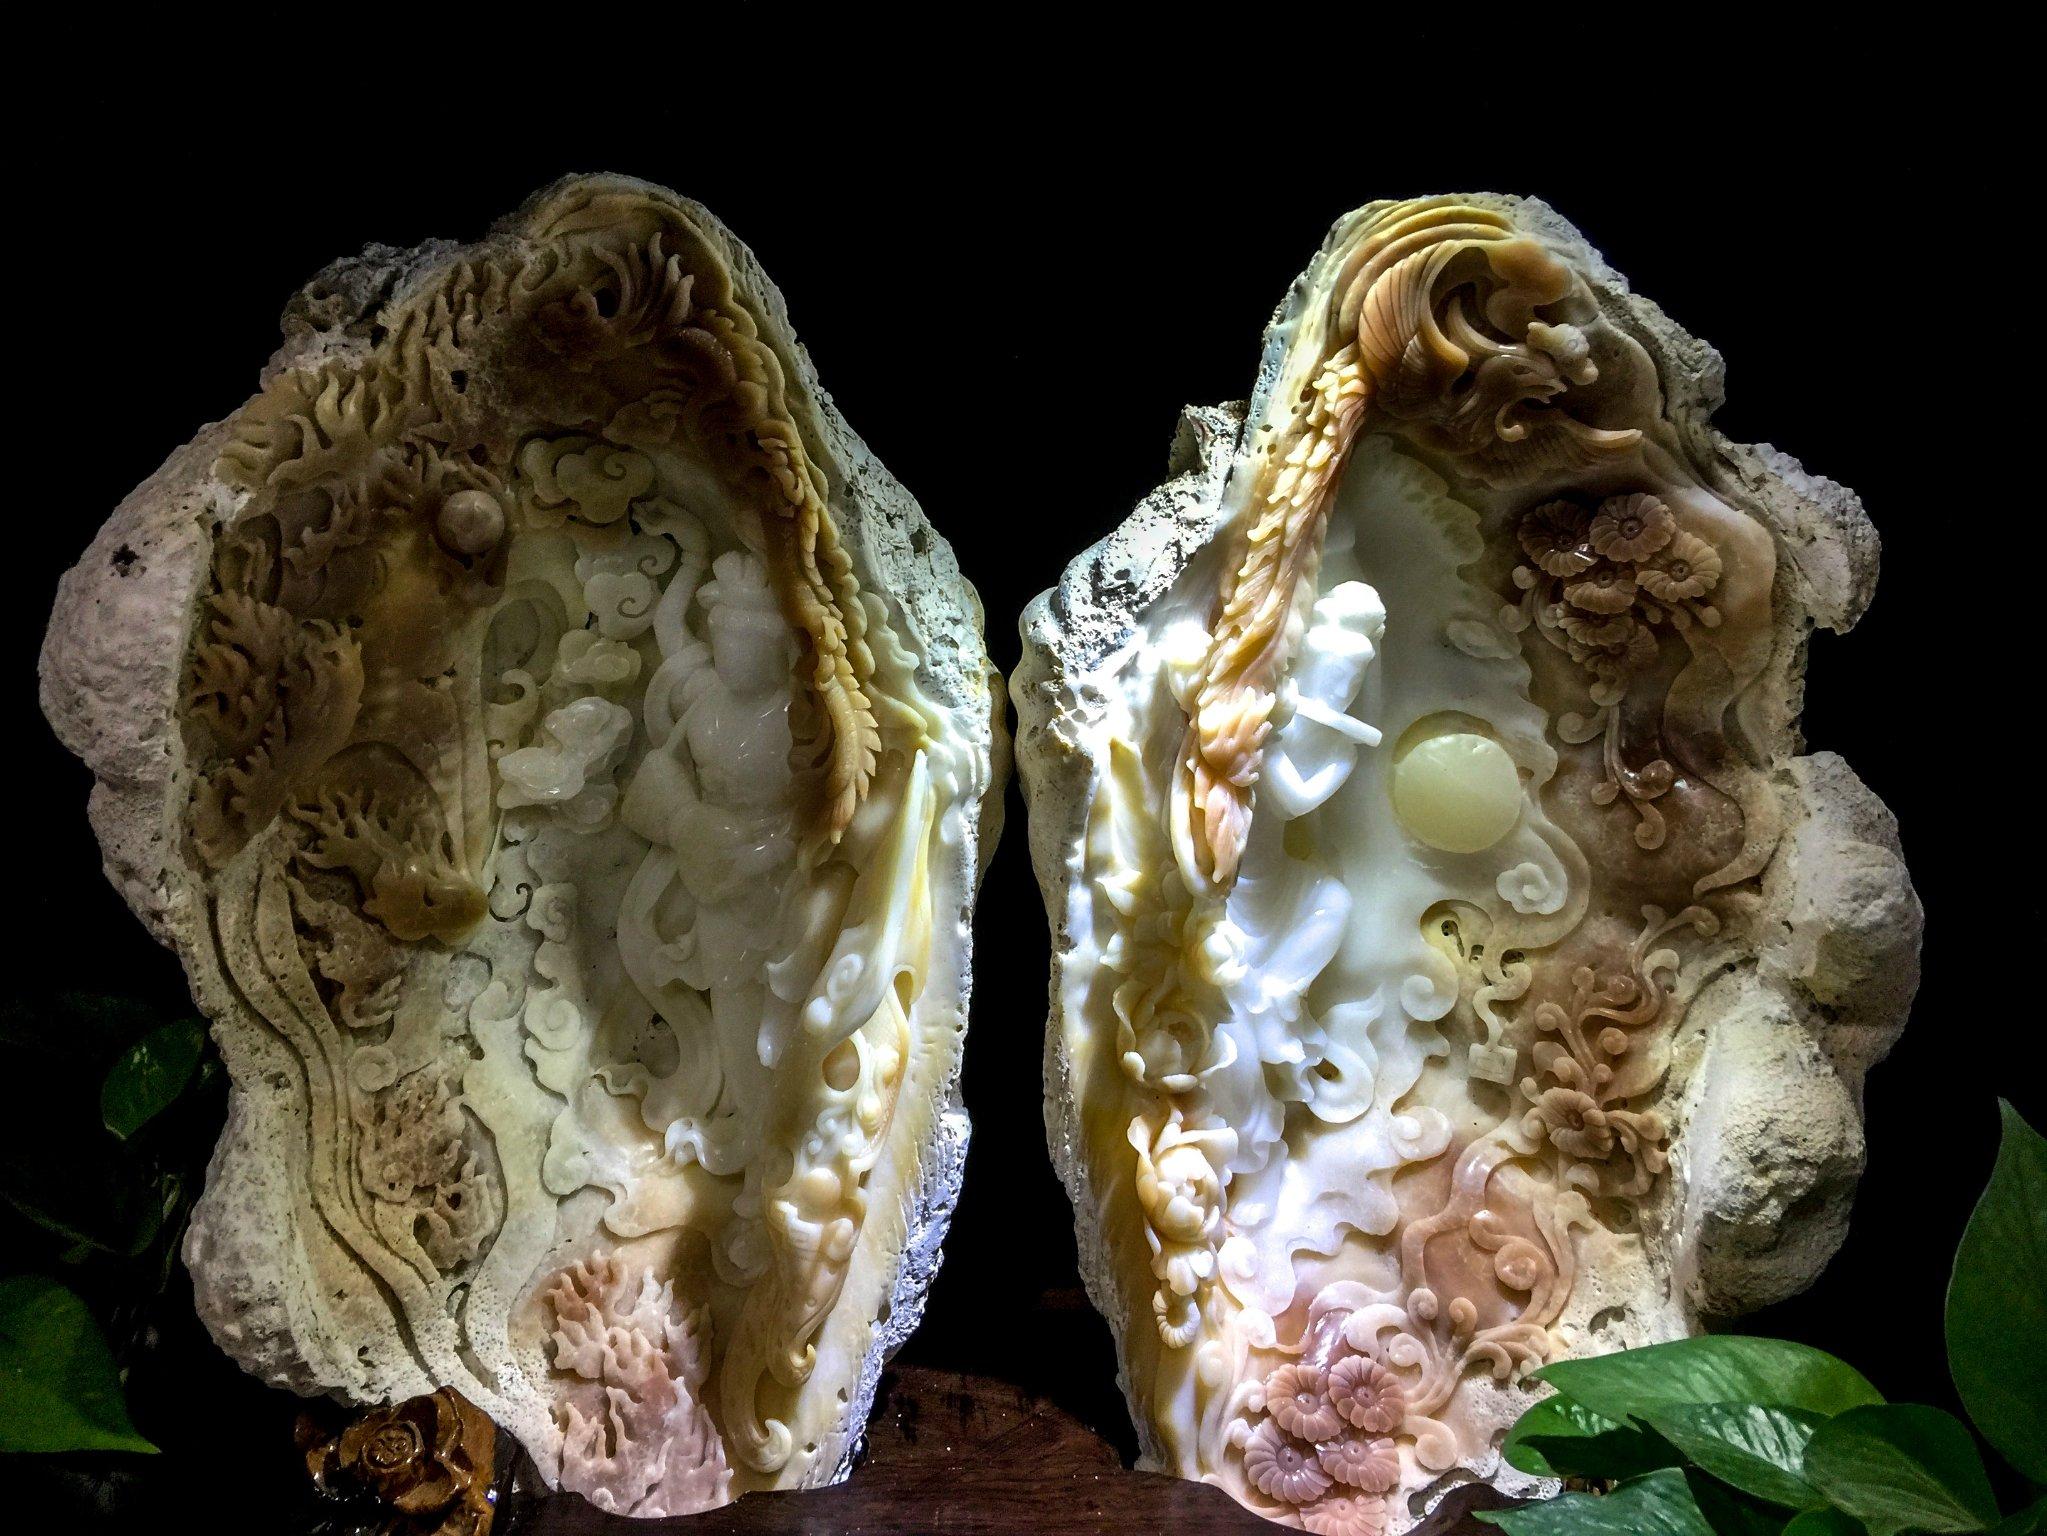 """砗磲是软体动物门双壳纲的海洋动物,是海洋中最大的双壳贝类,被称为"""""""